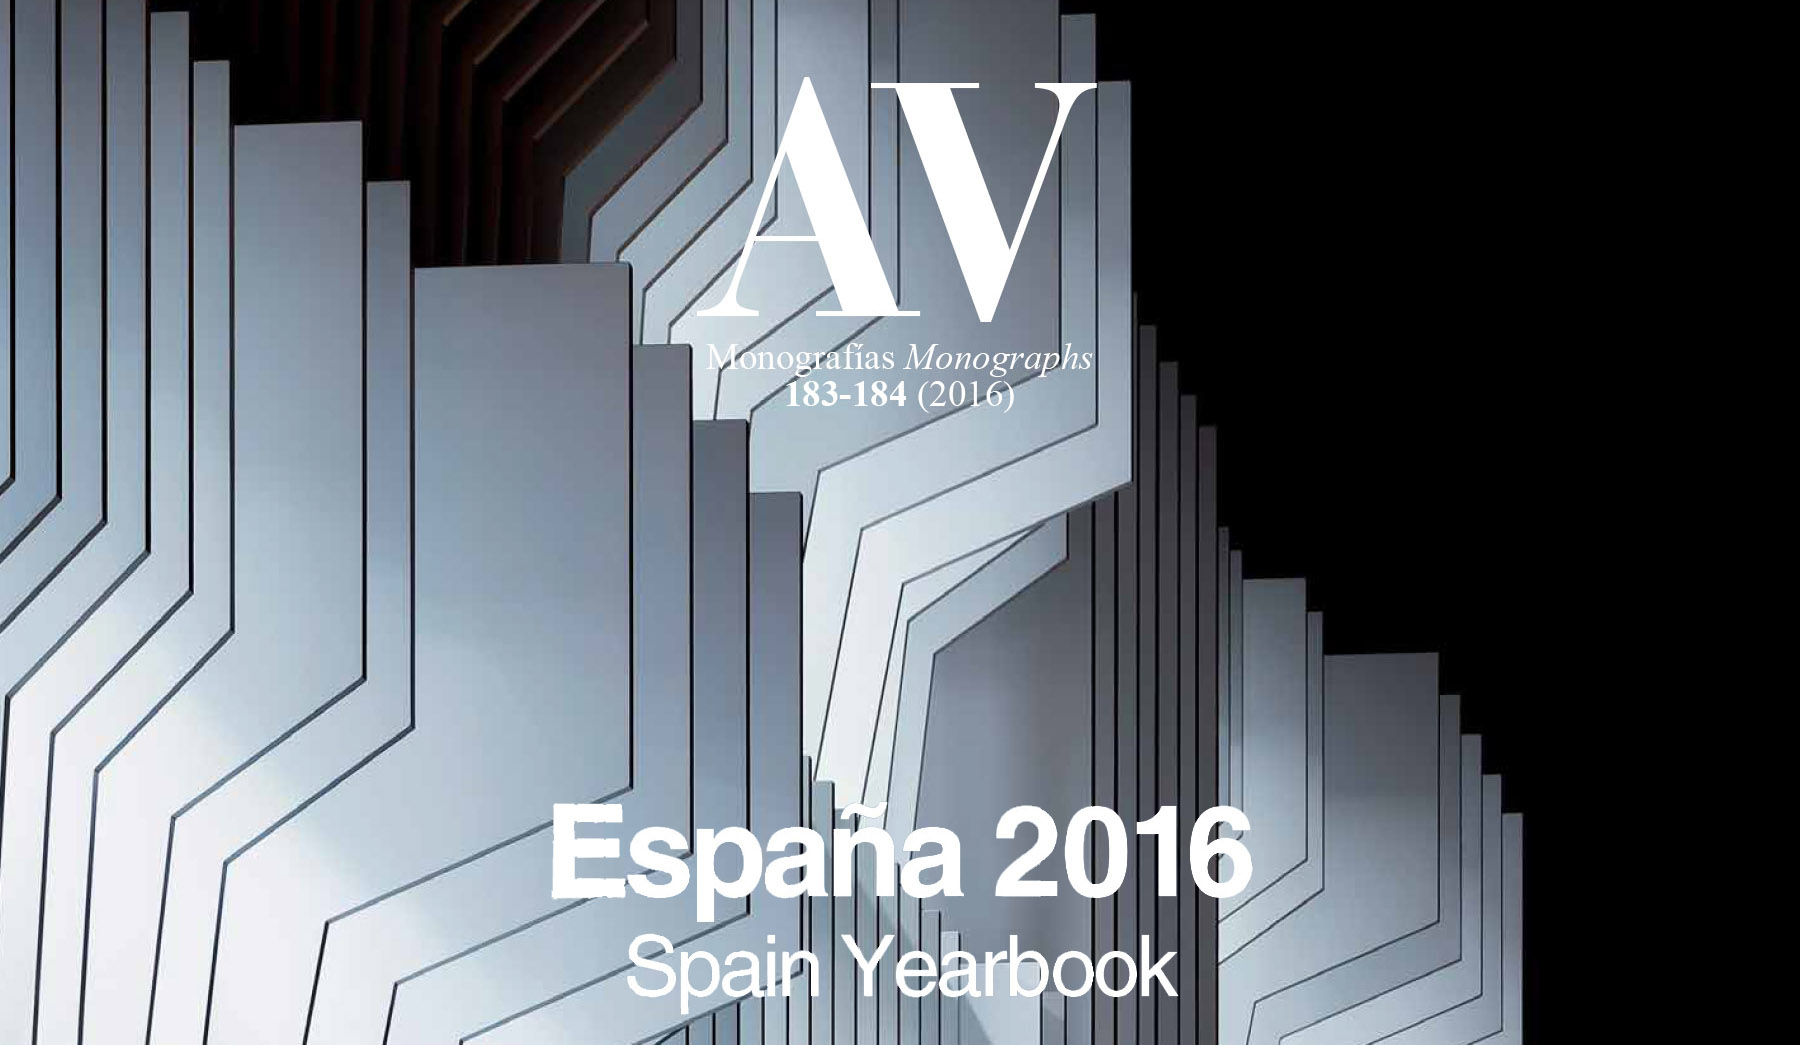 av_183-184 España red